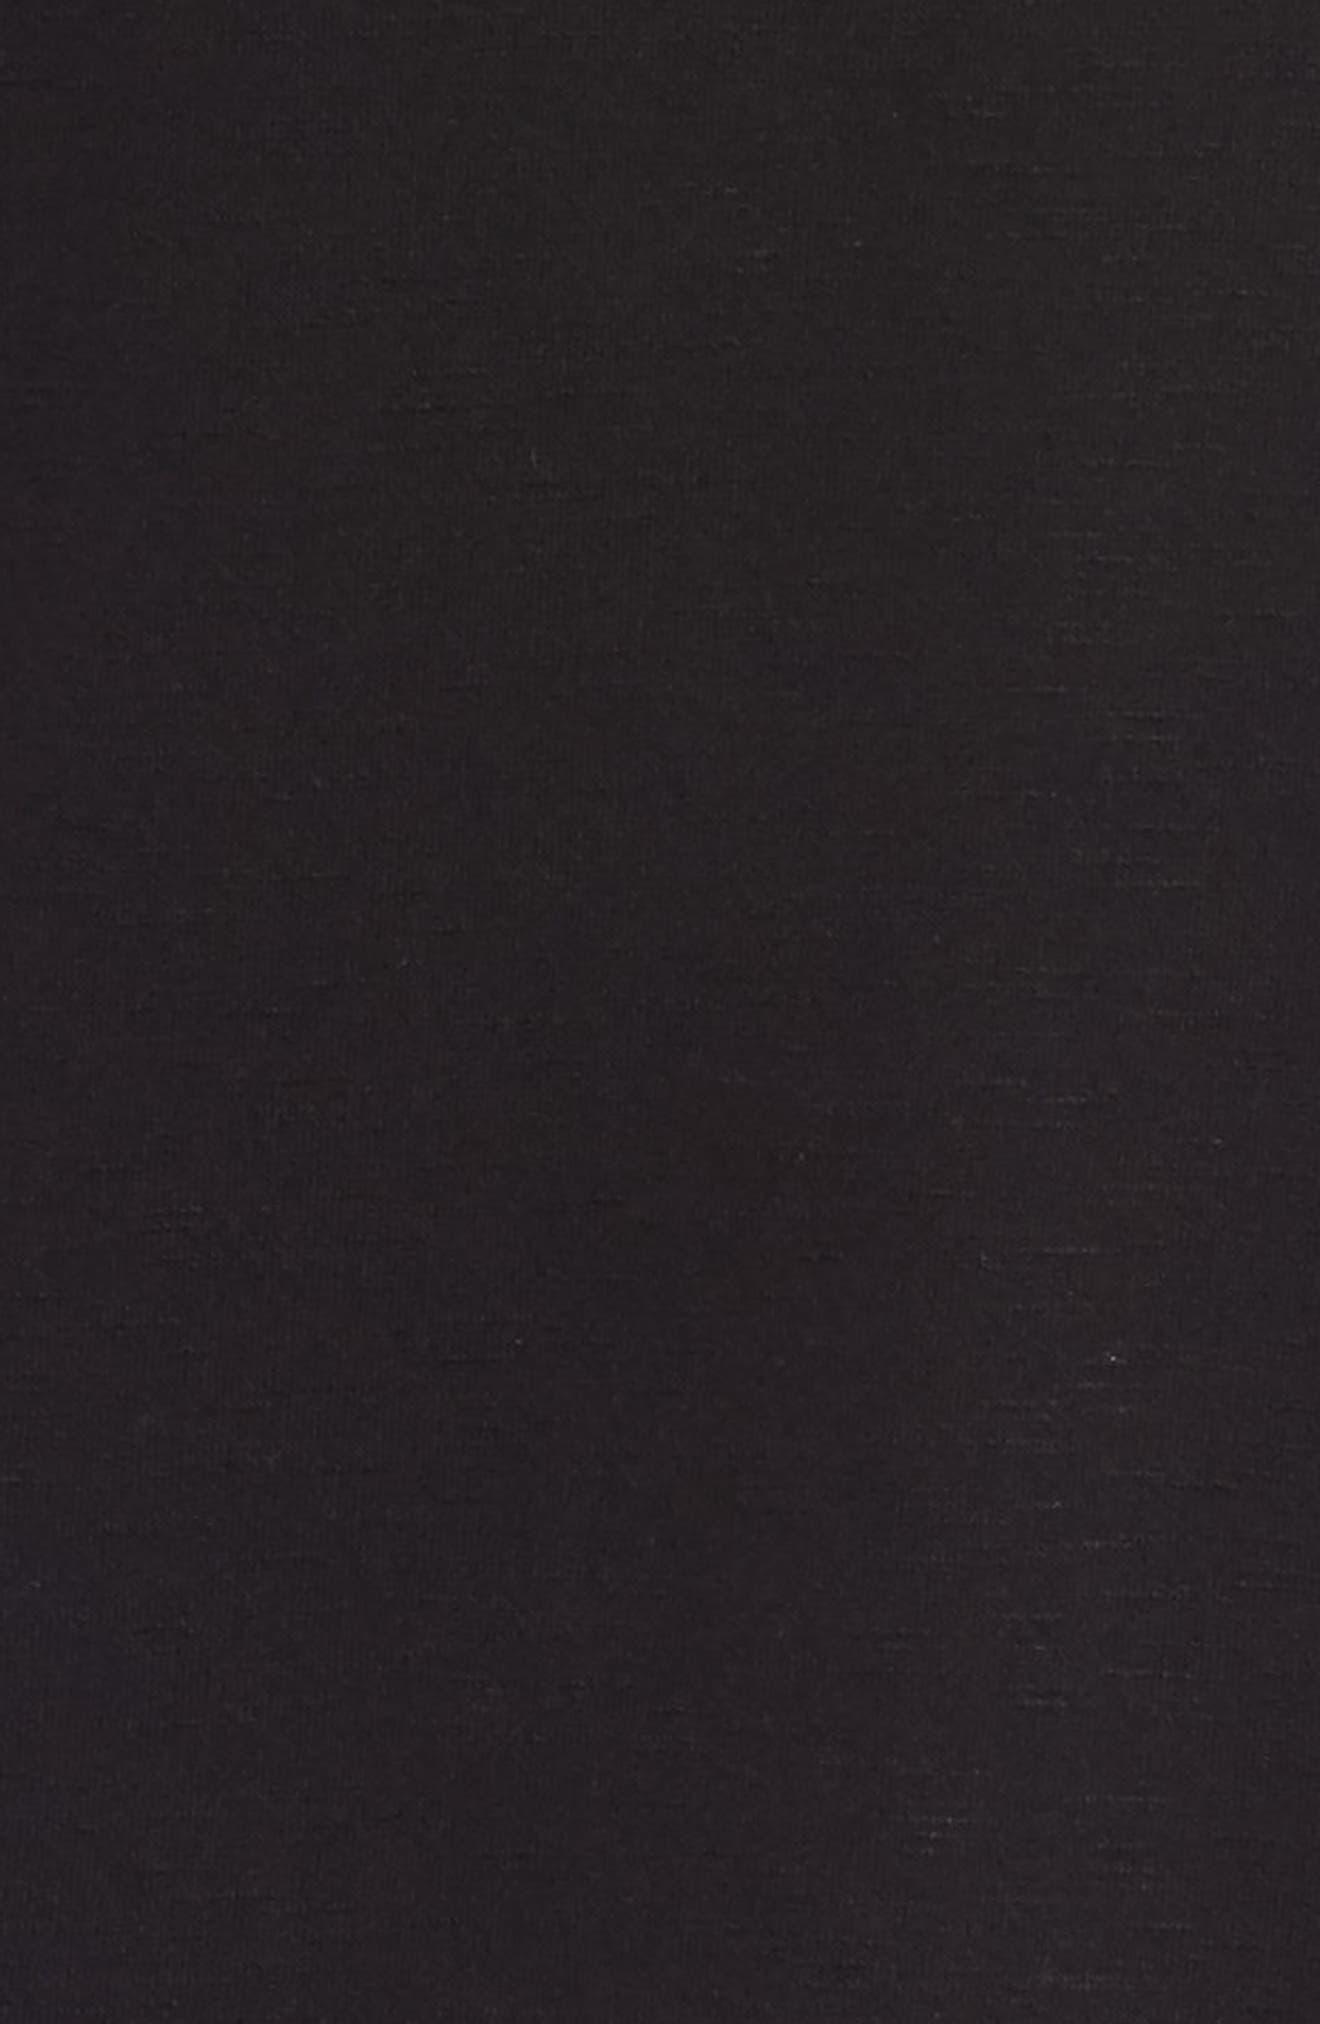 Ruffle Back Sweatshirt,                             Alternate thumbnail 5, color,                             001